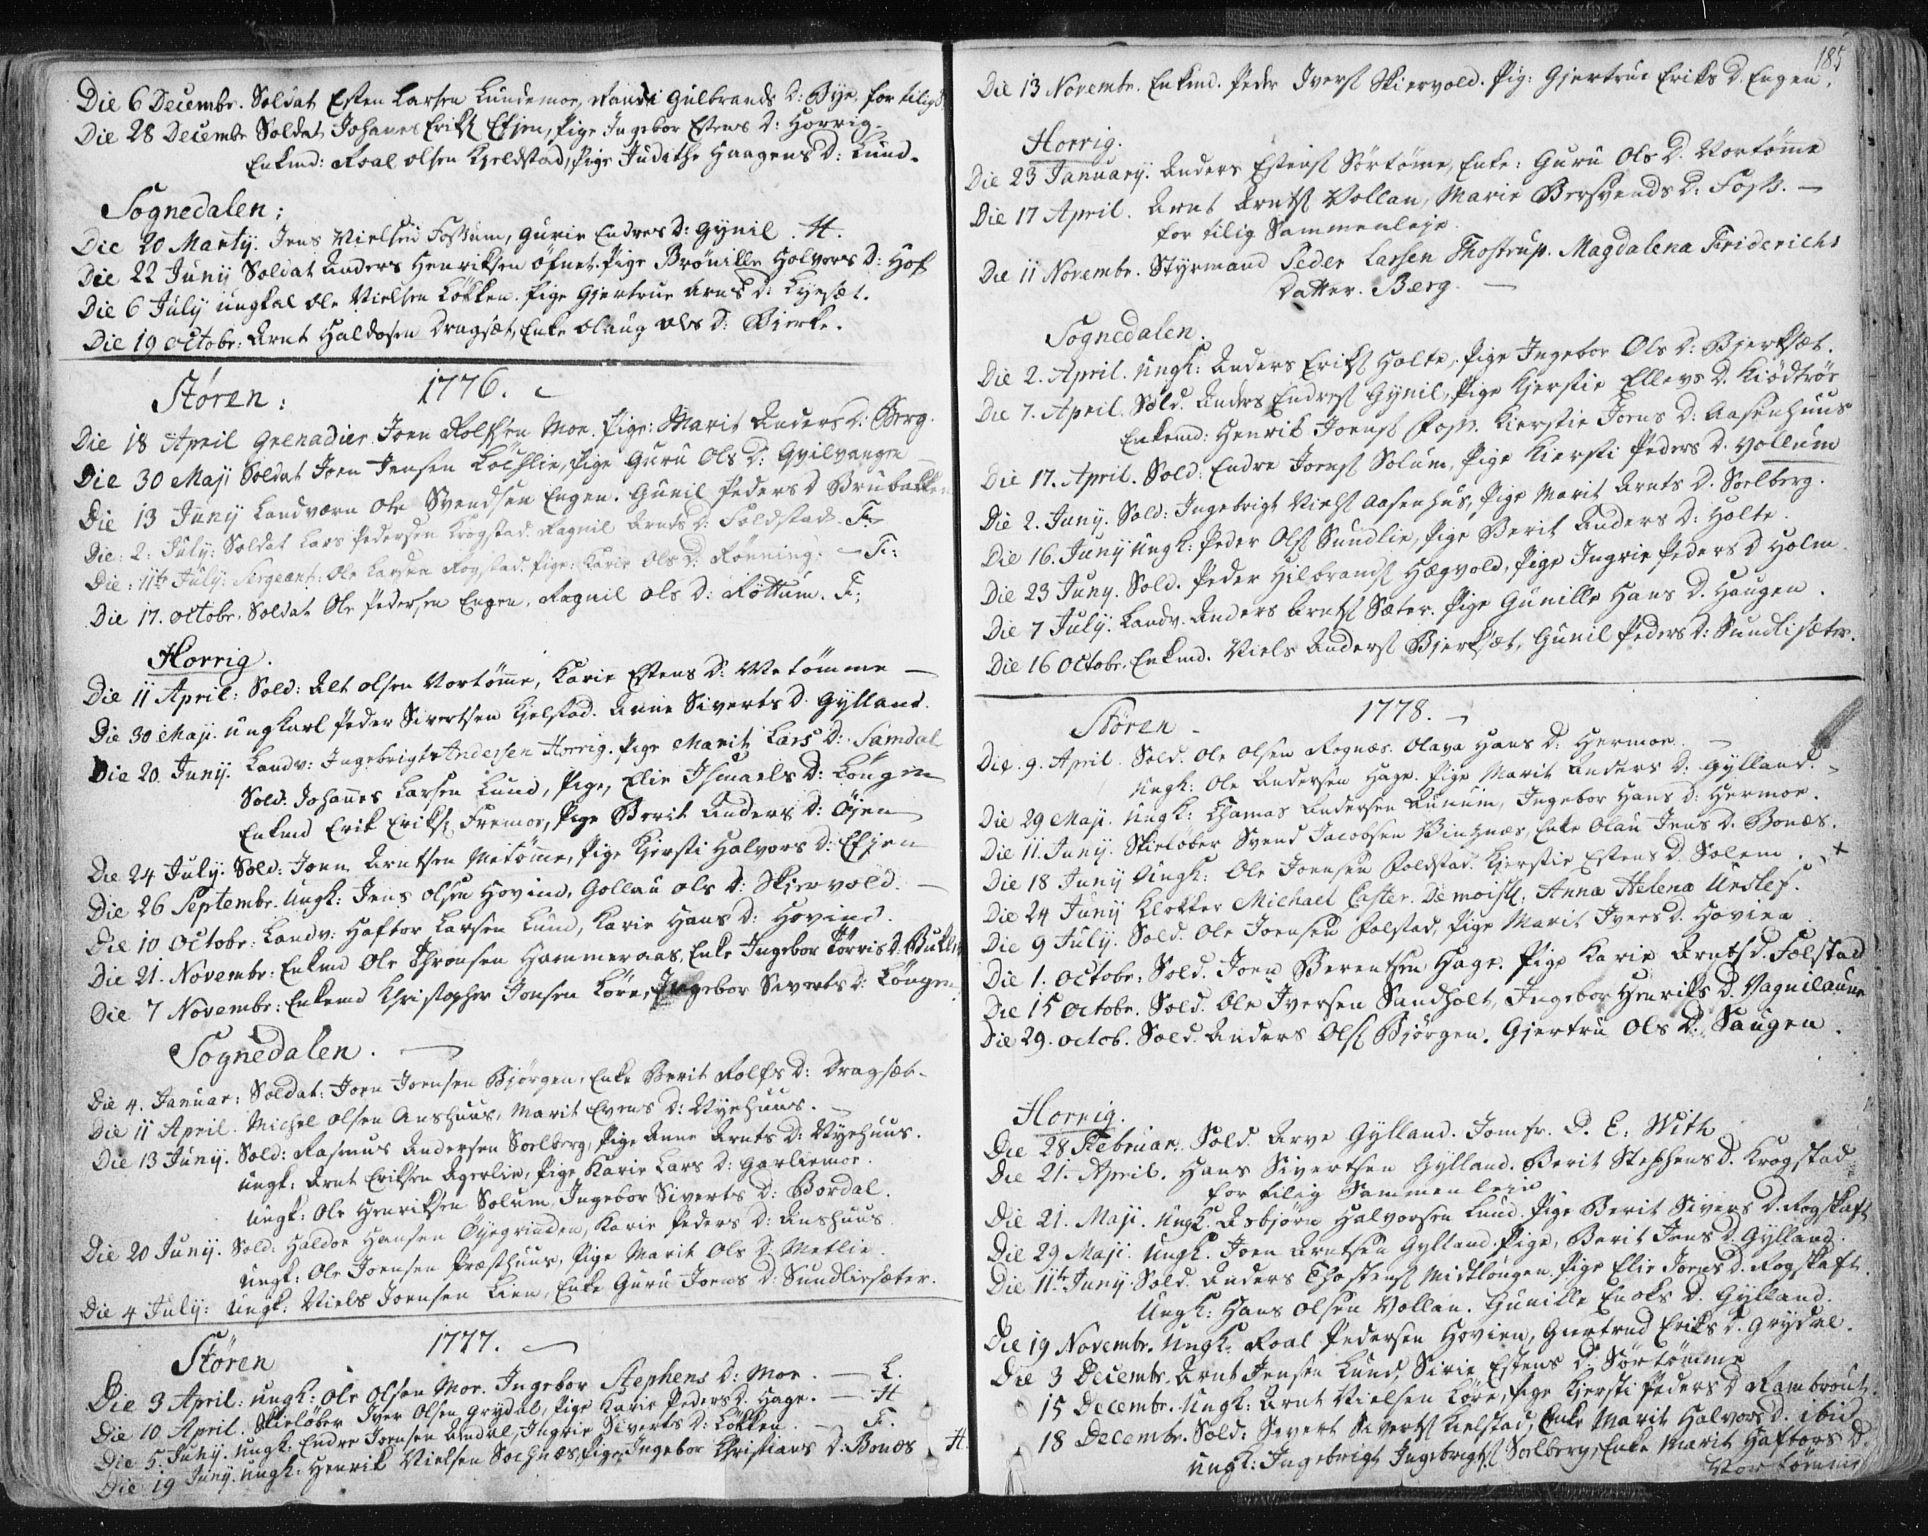 SAT, Ministerialprotokoller, klokkerbøker og fødselsregistre - Sør-Trøndelag, 687/L0991: Ministerialbok nr. 687A02, 1747-1790, s. 185